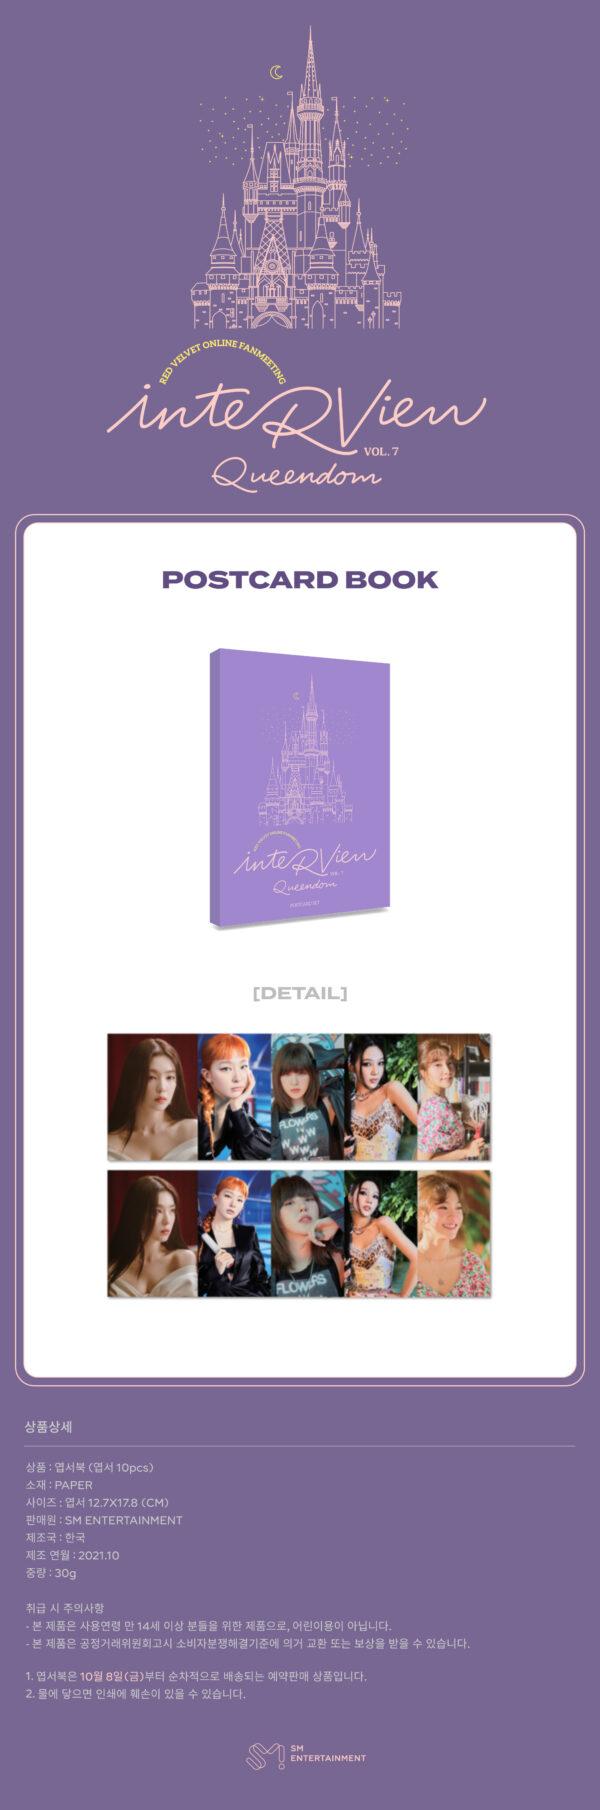 Red Velvet inteRView vol.7 Queendom Goods POSTCARD BOOK